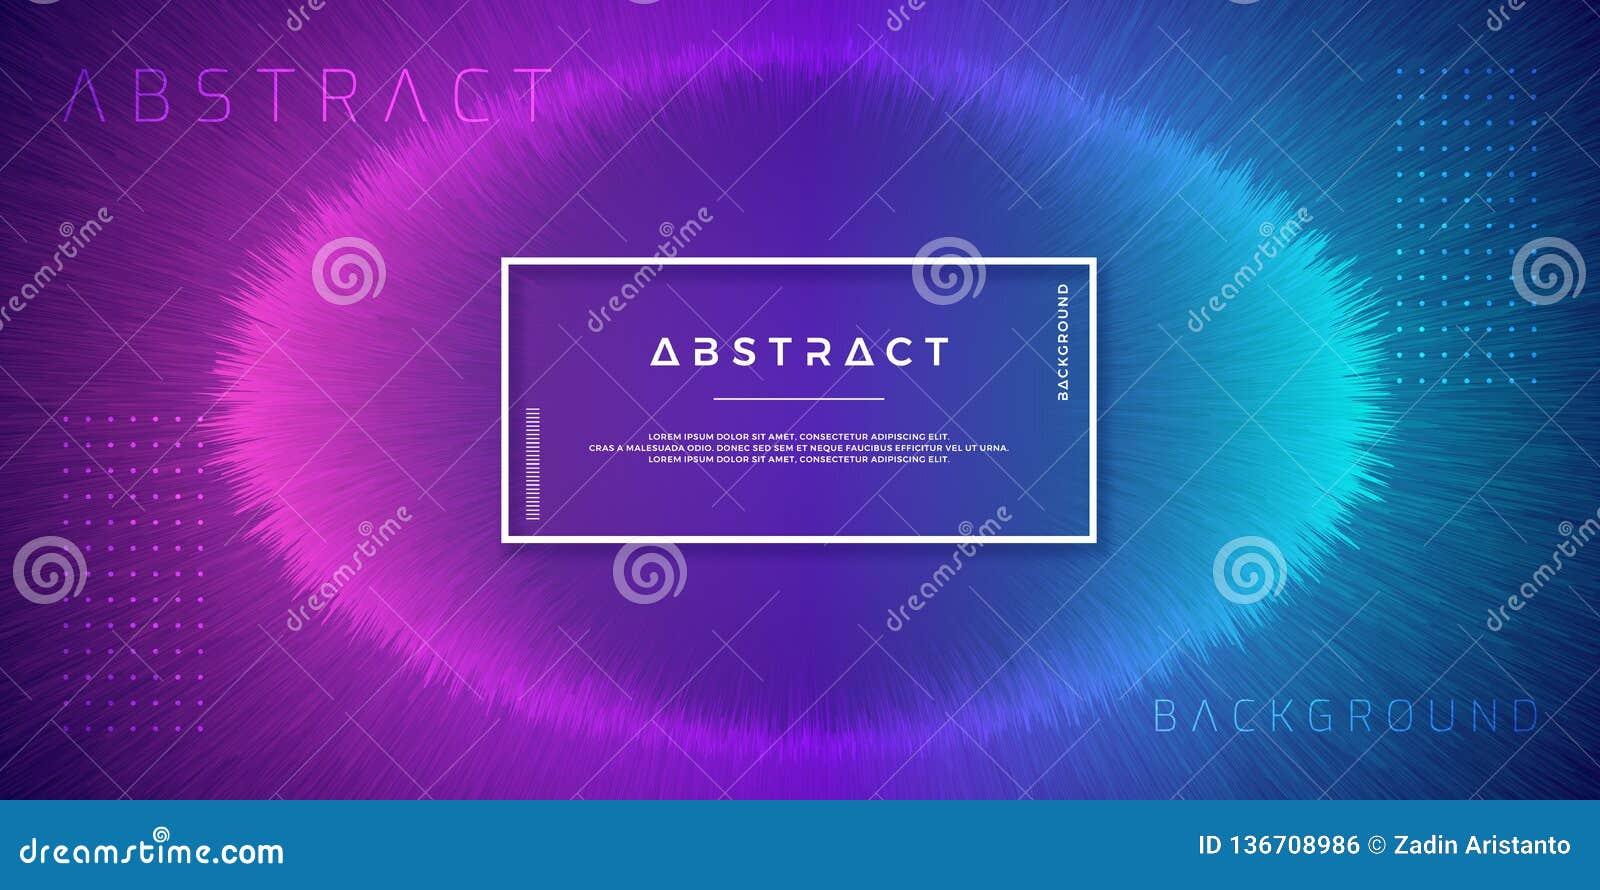 Extracto, fondos dinámicos, modernos para sus elementos del diseño y otros, con color púrpura y azul claro de la pendiente